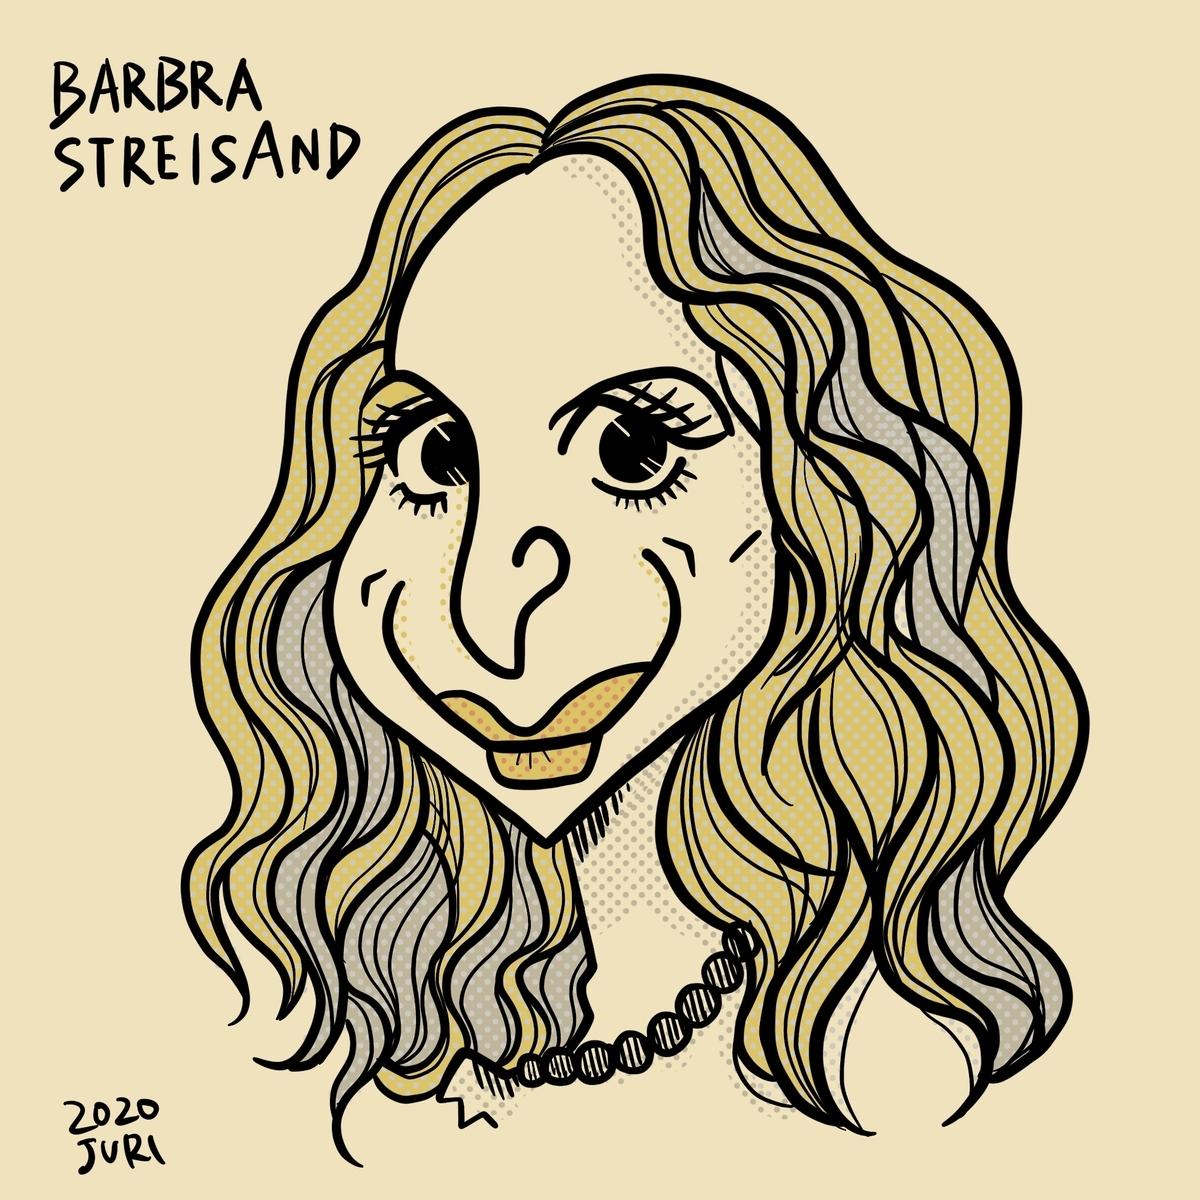 Barbrastreisandの似顔絵